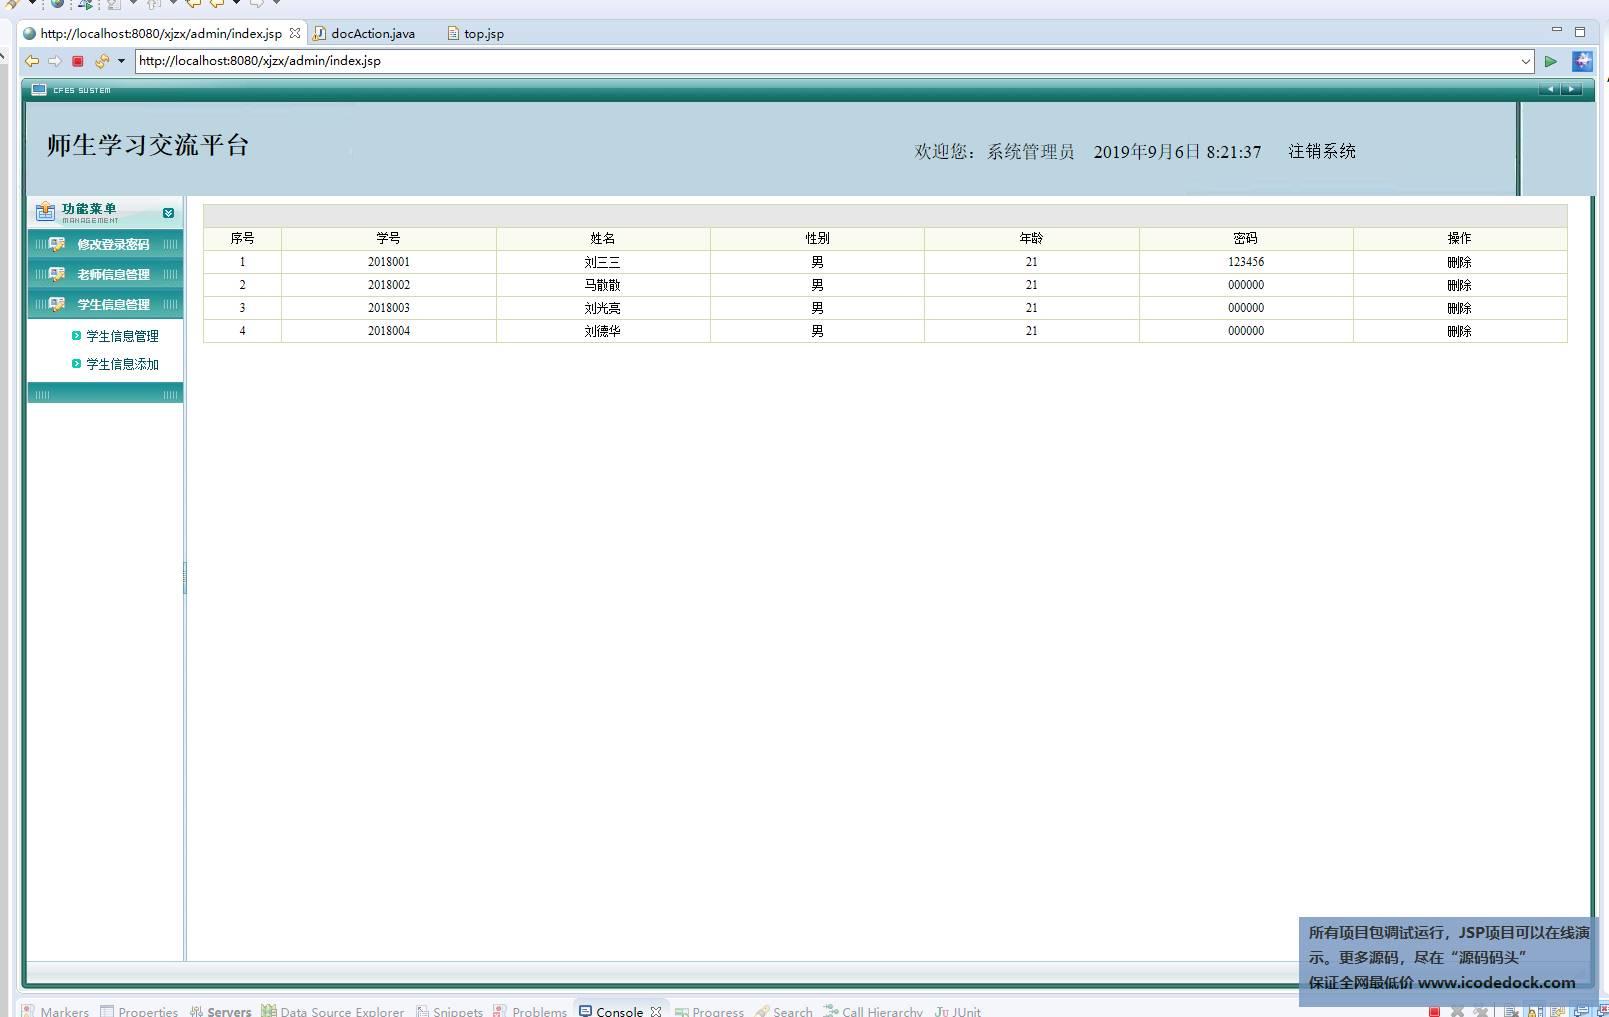 源码码头-JSP师生交流学习管理系统-管理员角色-学生管理